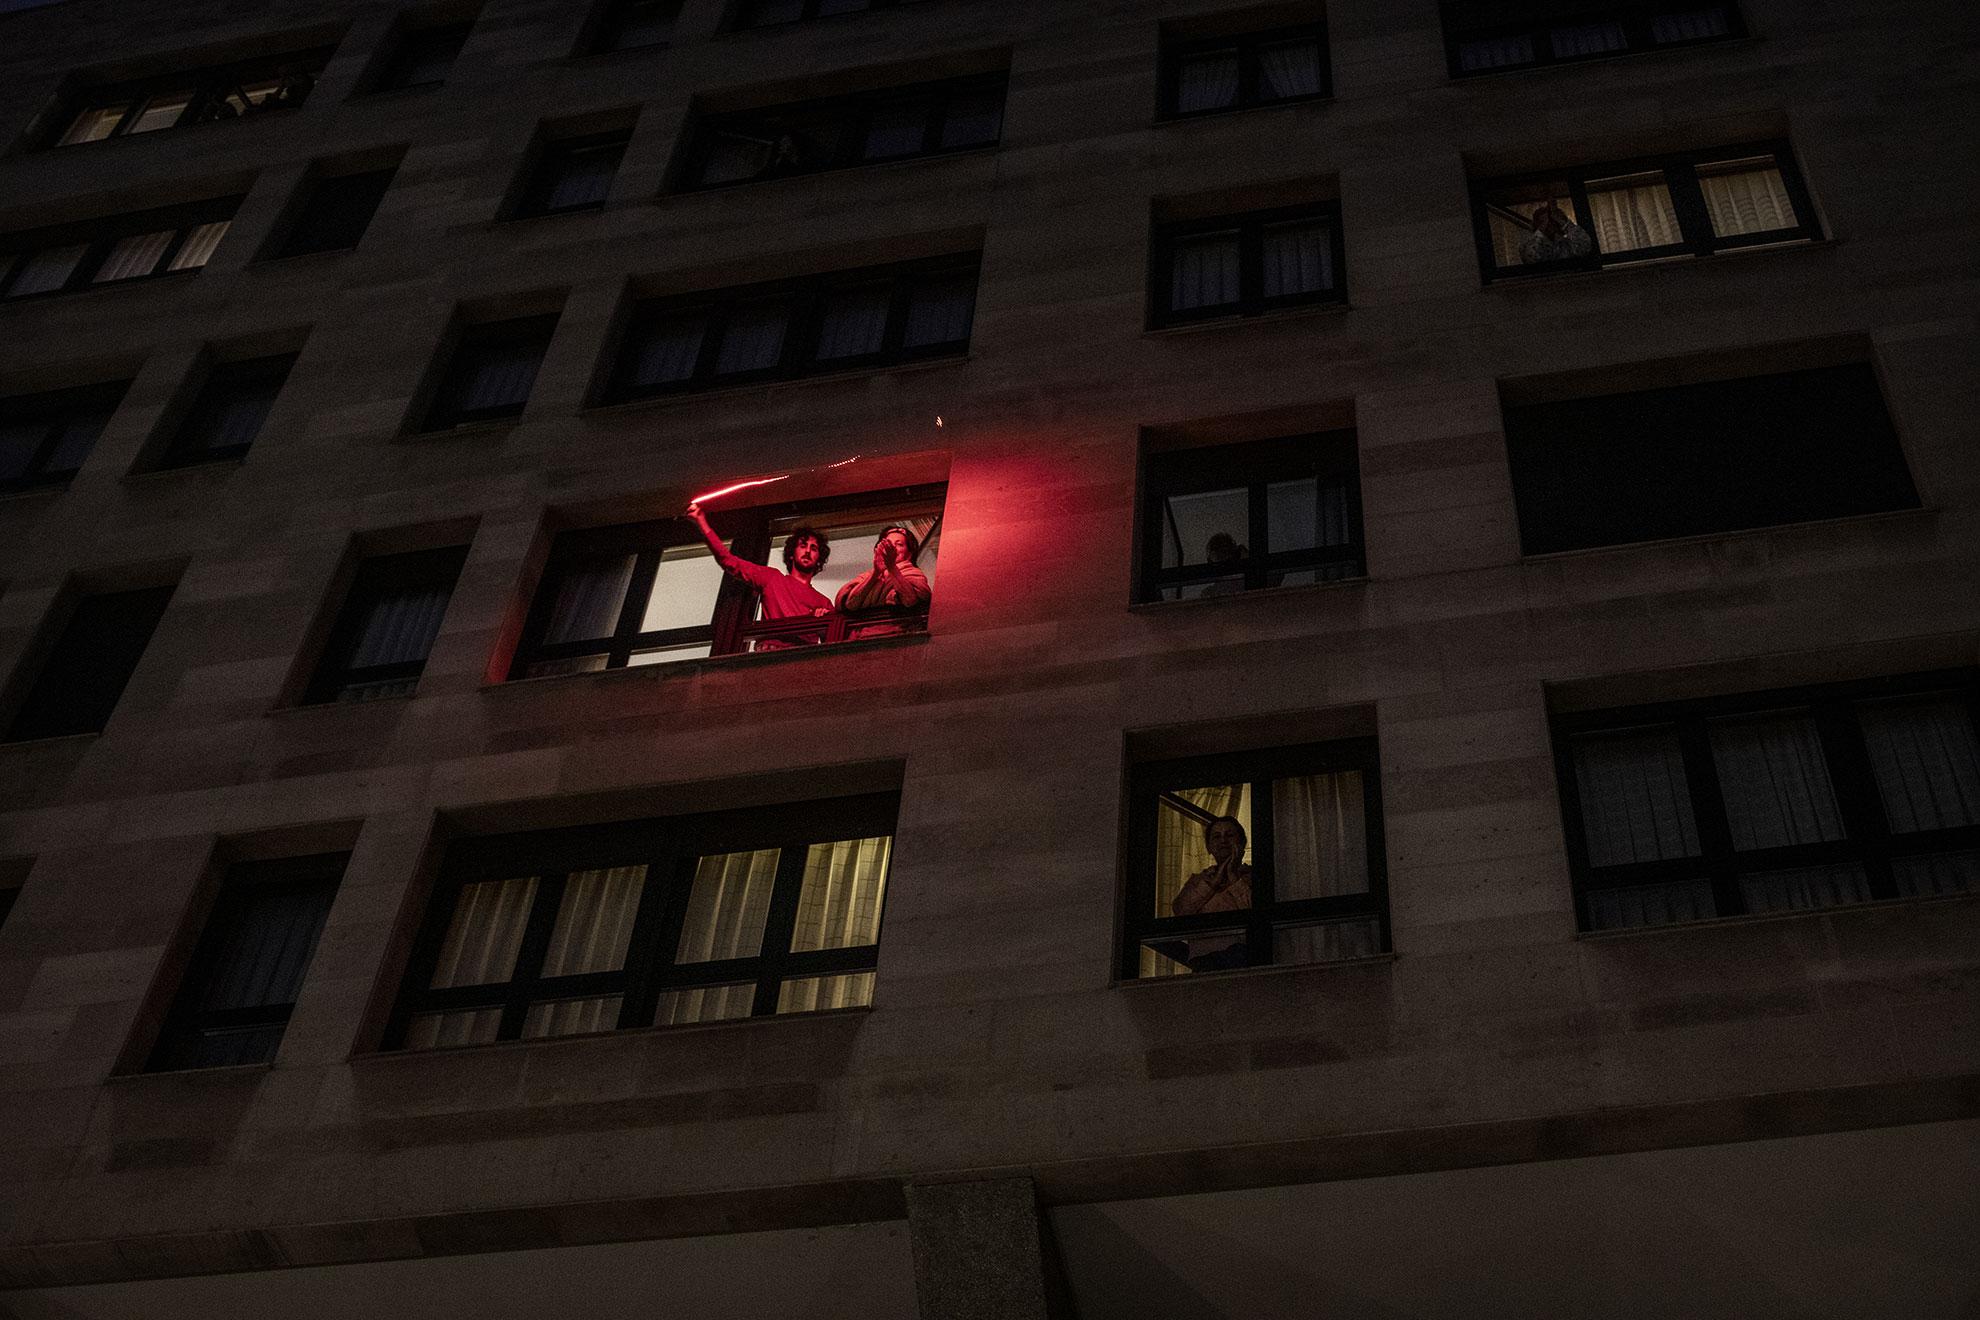 Como cada día desde el principio de esta crisis, habitantes de Gijón (como cualquier otro ciudadano español) se asoma a la ventana para aplaudir y animar a los trabajadores del sistema publico de salud, primera linea contra el COVID19. En la foto, un joven agita un cordon de luz roja mientras la gente aplaude al personal del centro de salud situado en la Plaza Zarracina, en el Centro de Gijón, España.